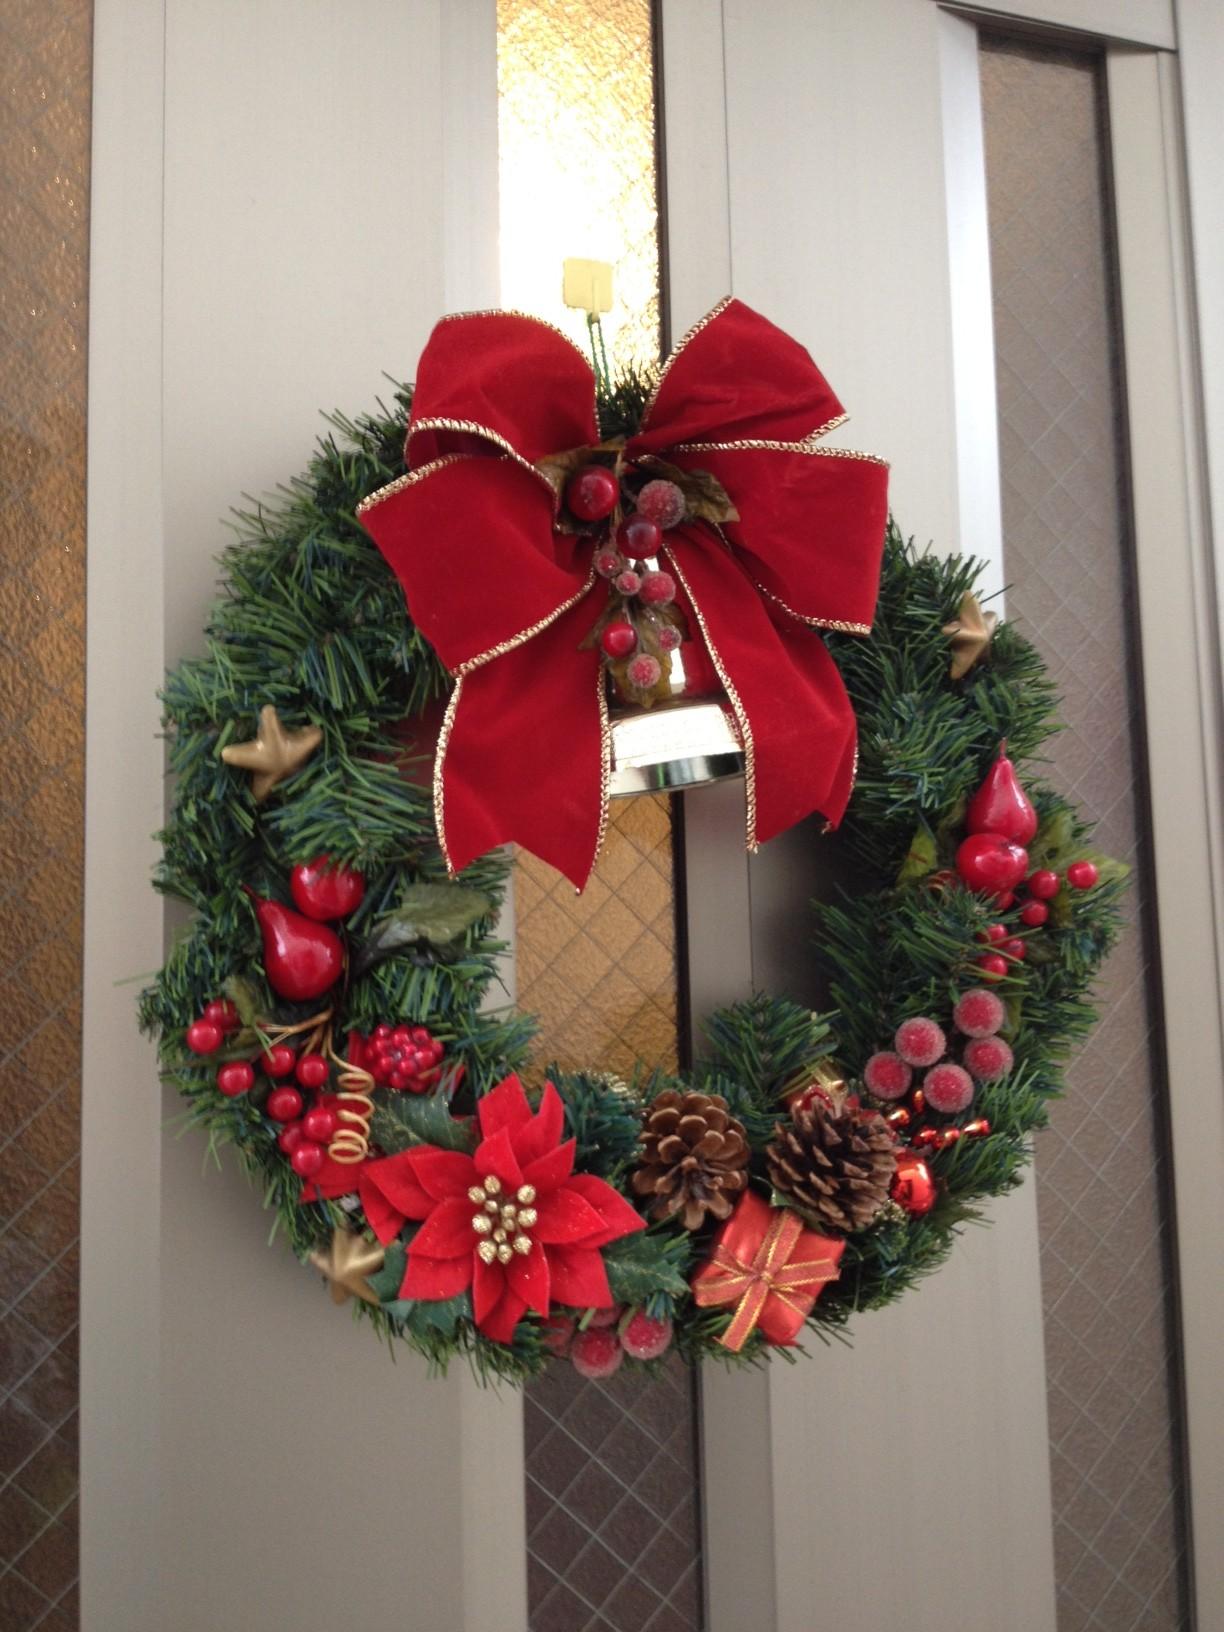 アロハシャツ屋のクリスマスリース2012